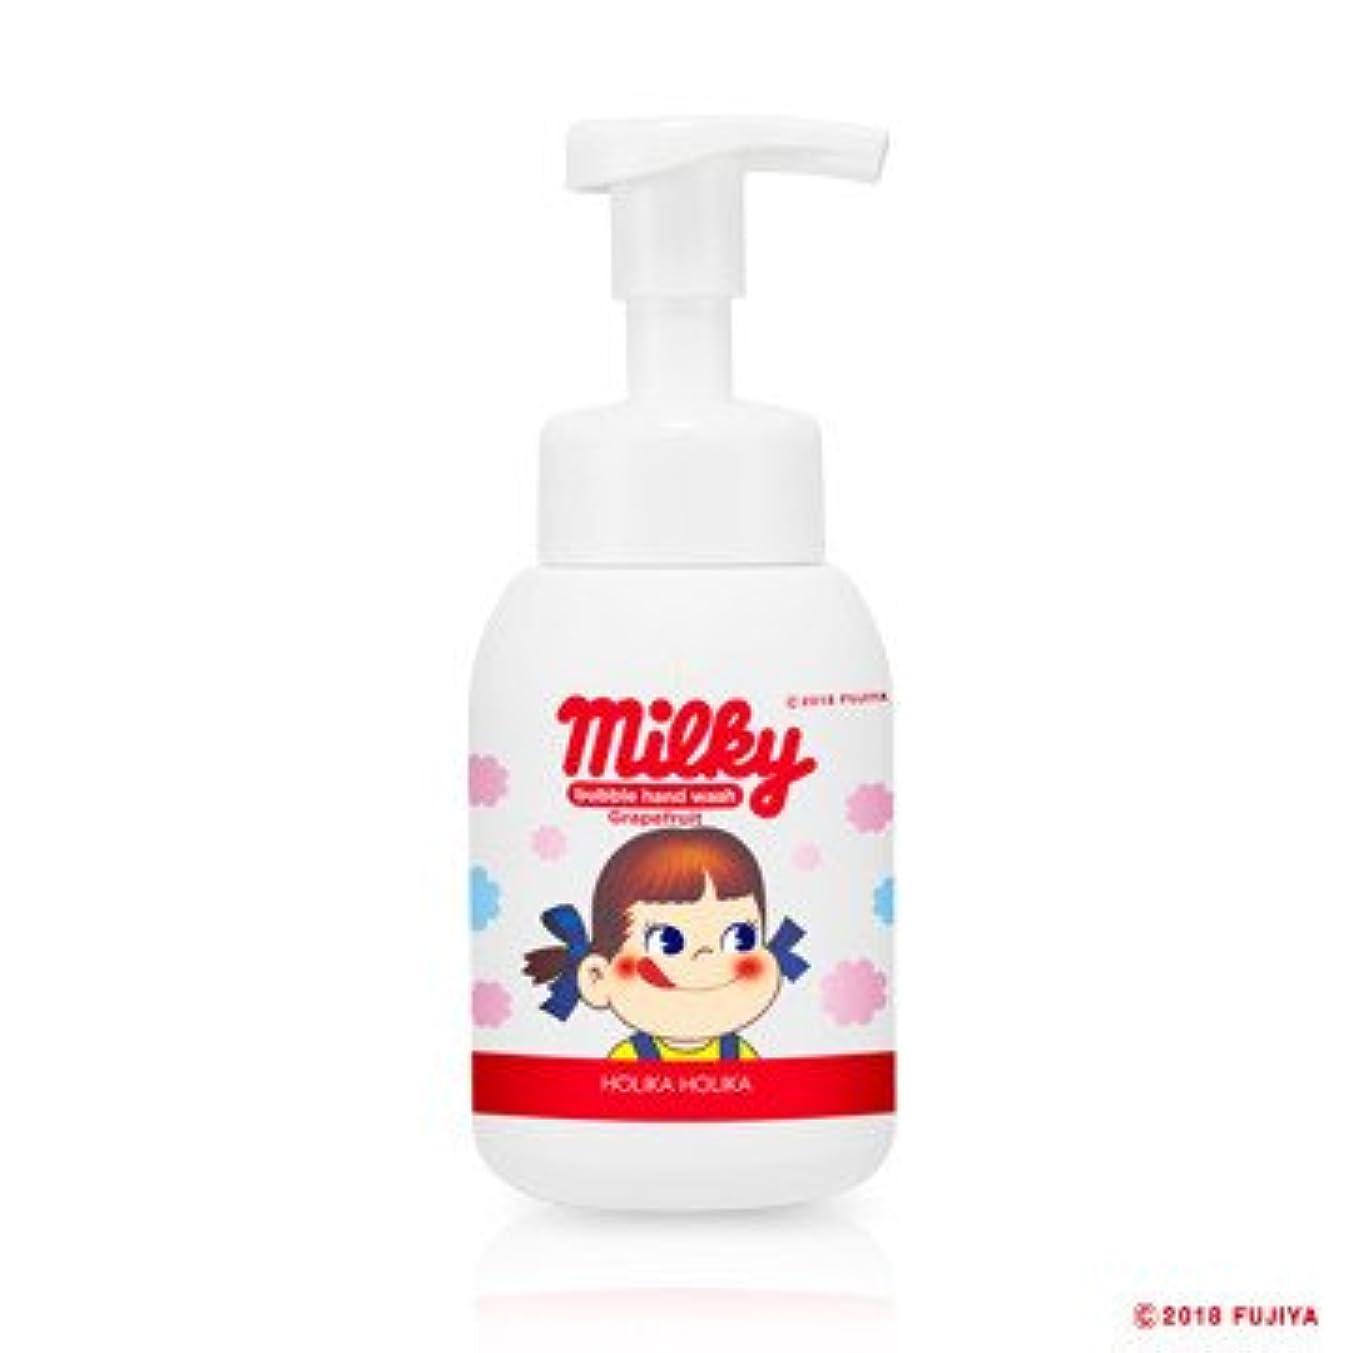 ピアース多くの危険がある状況抜け目がないHolika Holika [Sweet Peko Edition] Bubble Hand Wash/ホリカホリカ [スイートペコエディション] バブルハンドウォッシュ 250ml [並行輸入品]